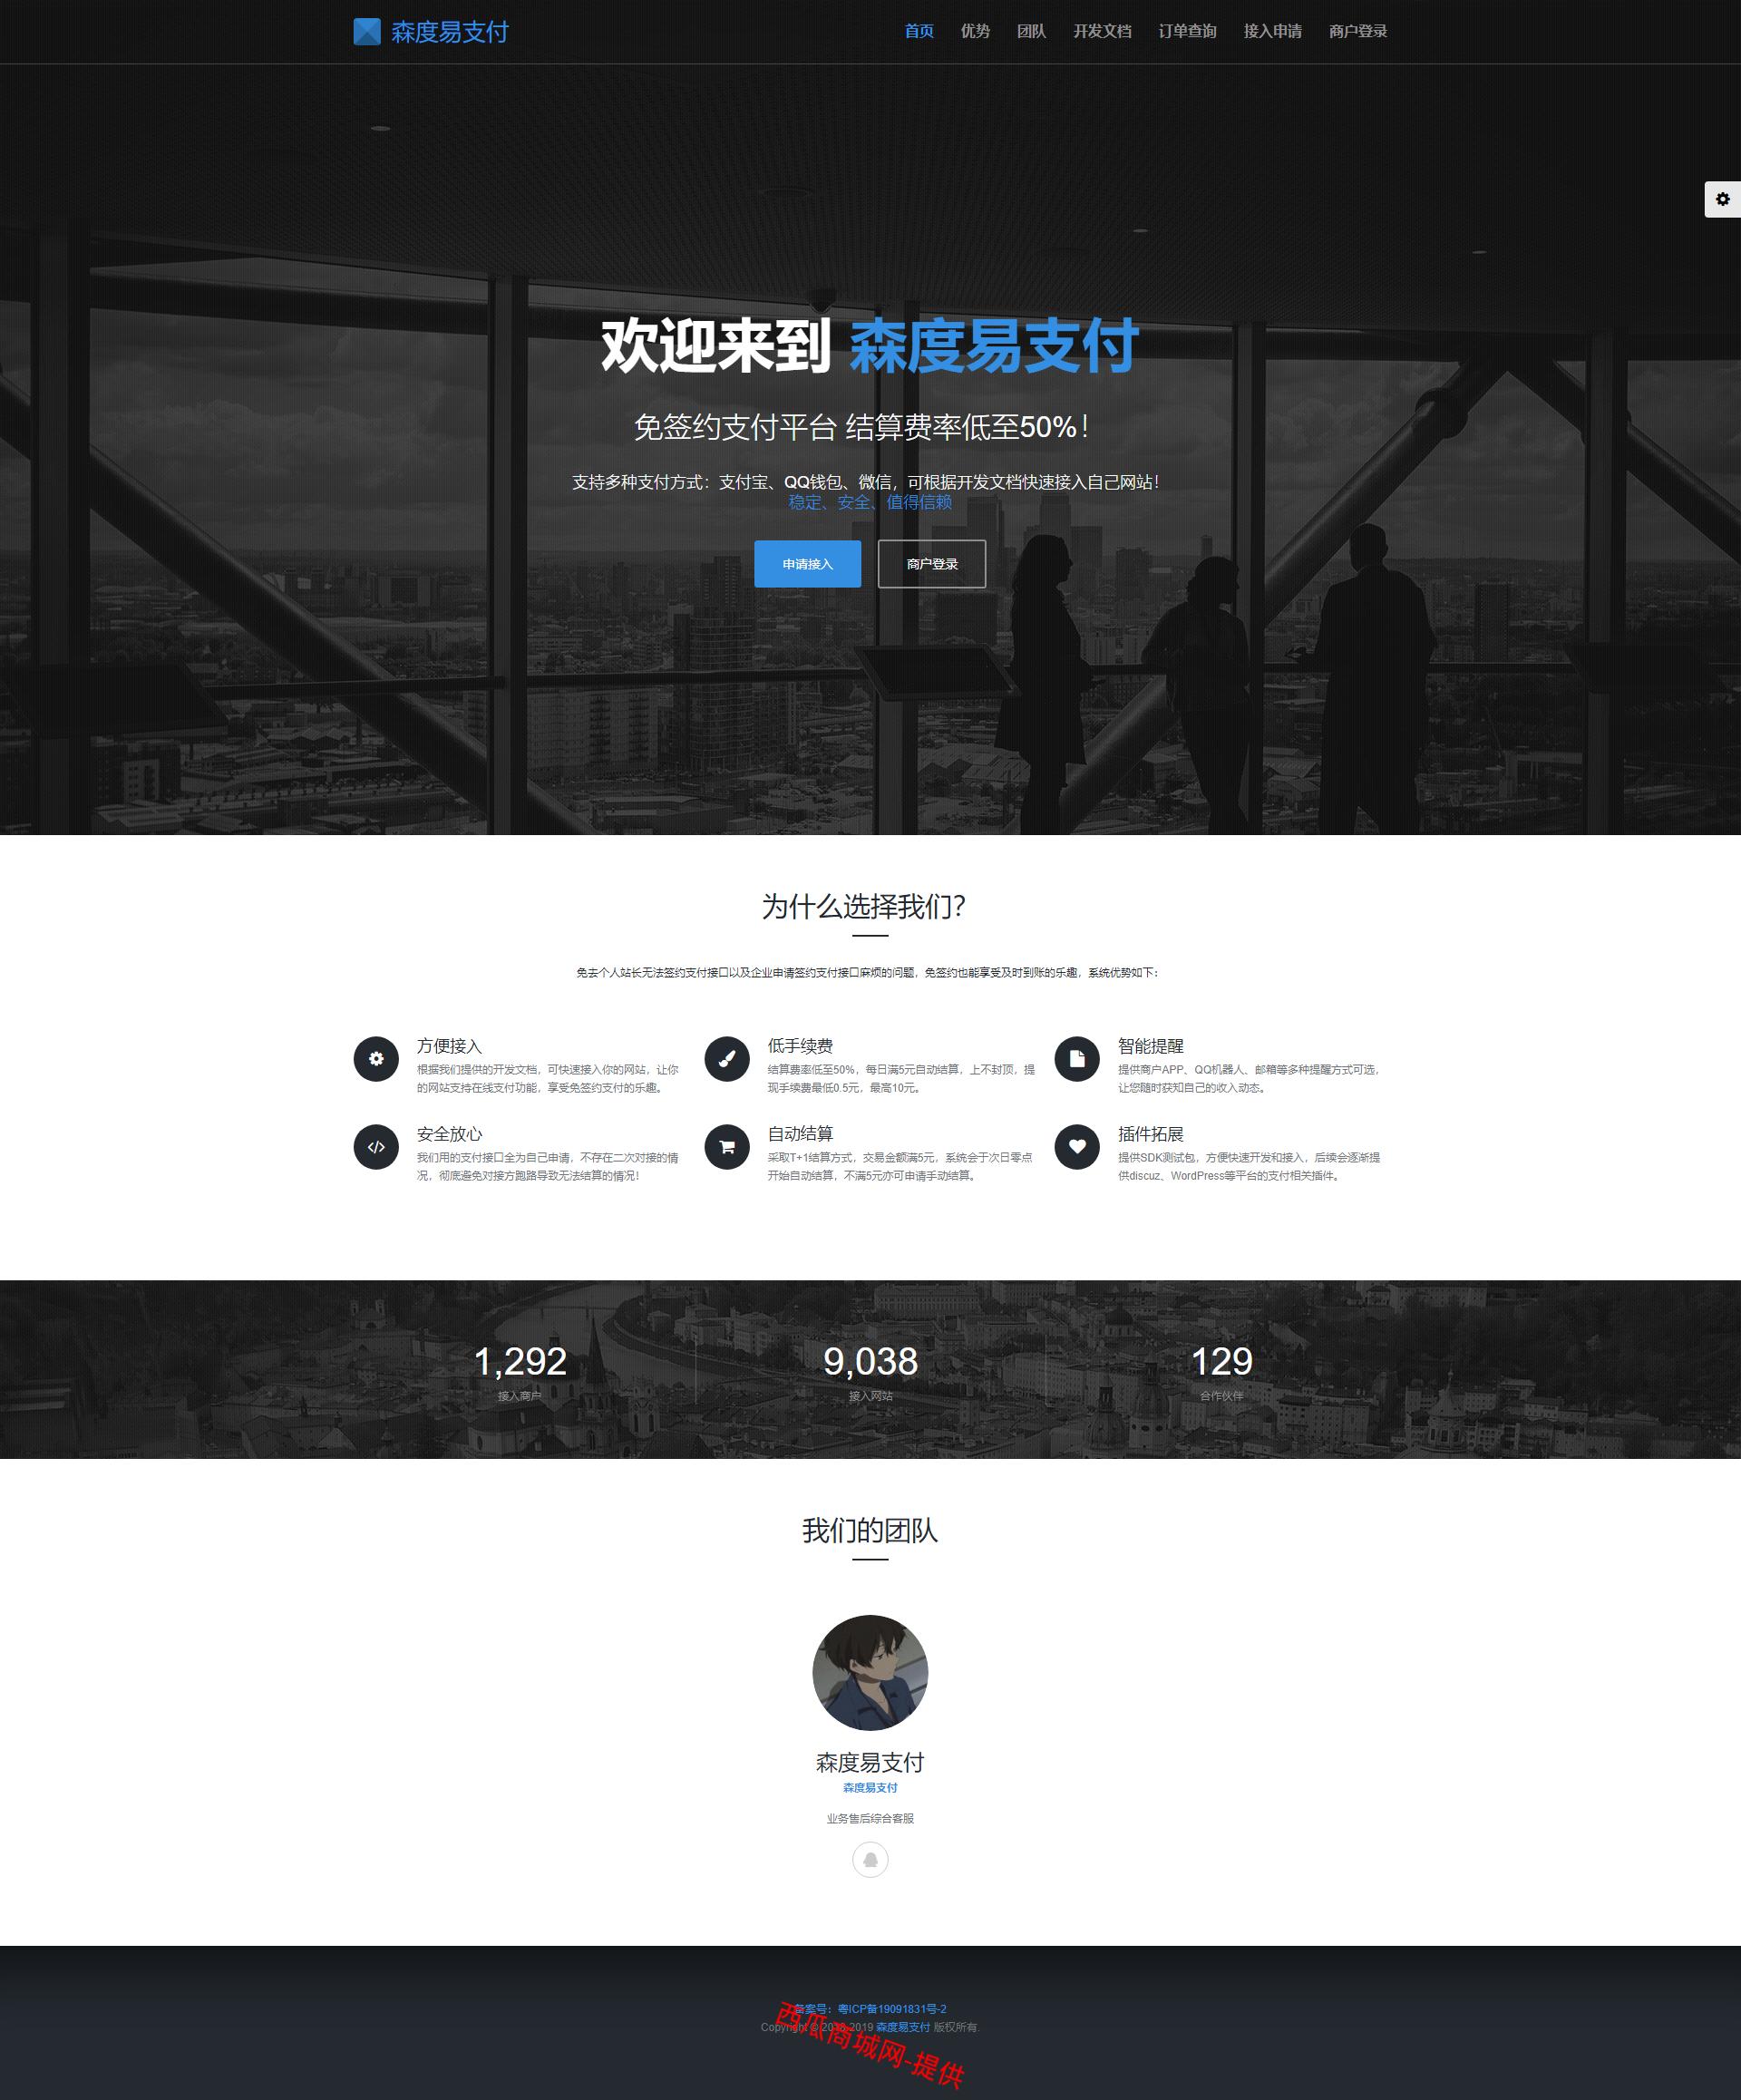 黑白娱乐网-公益版PHP易支付系统源码